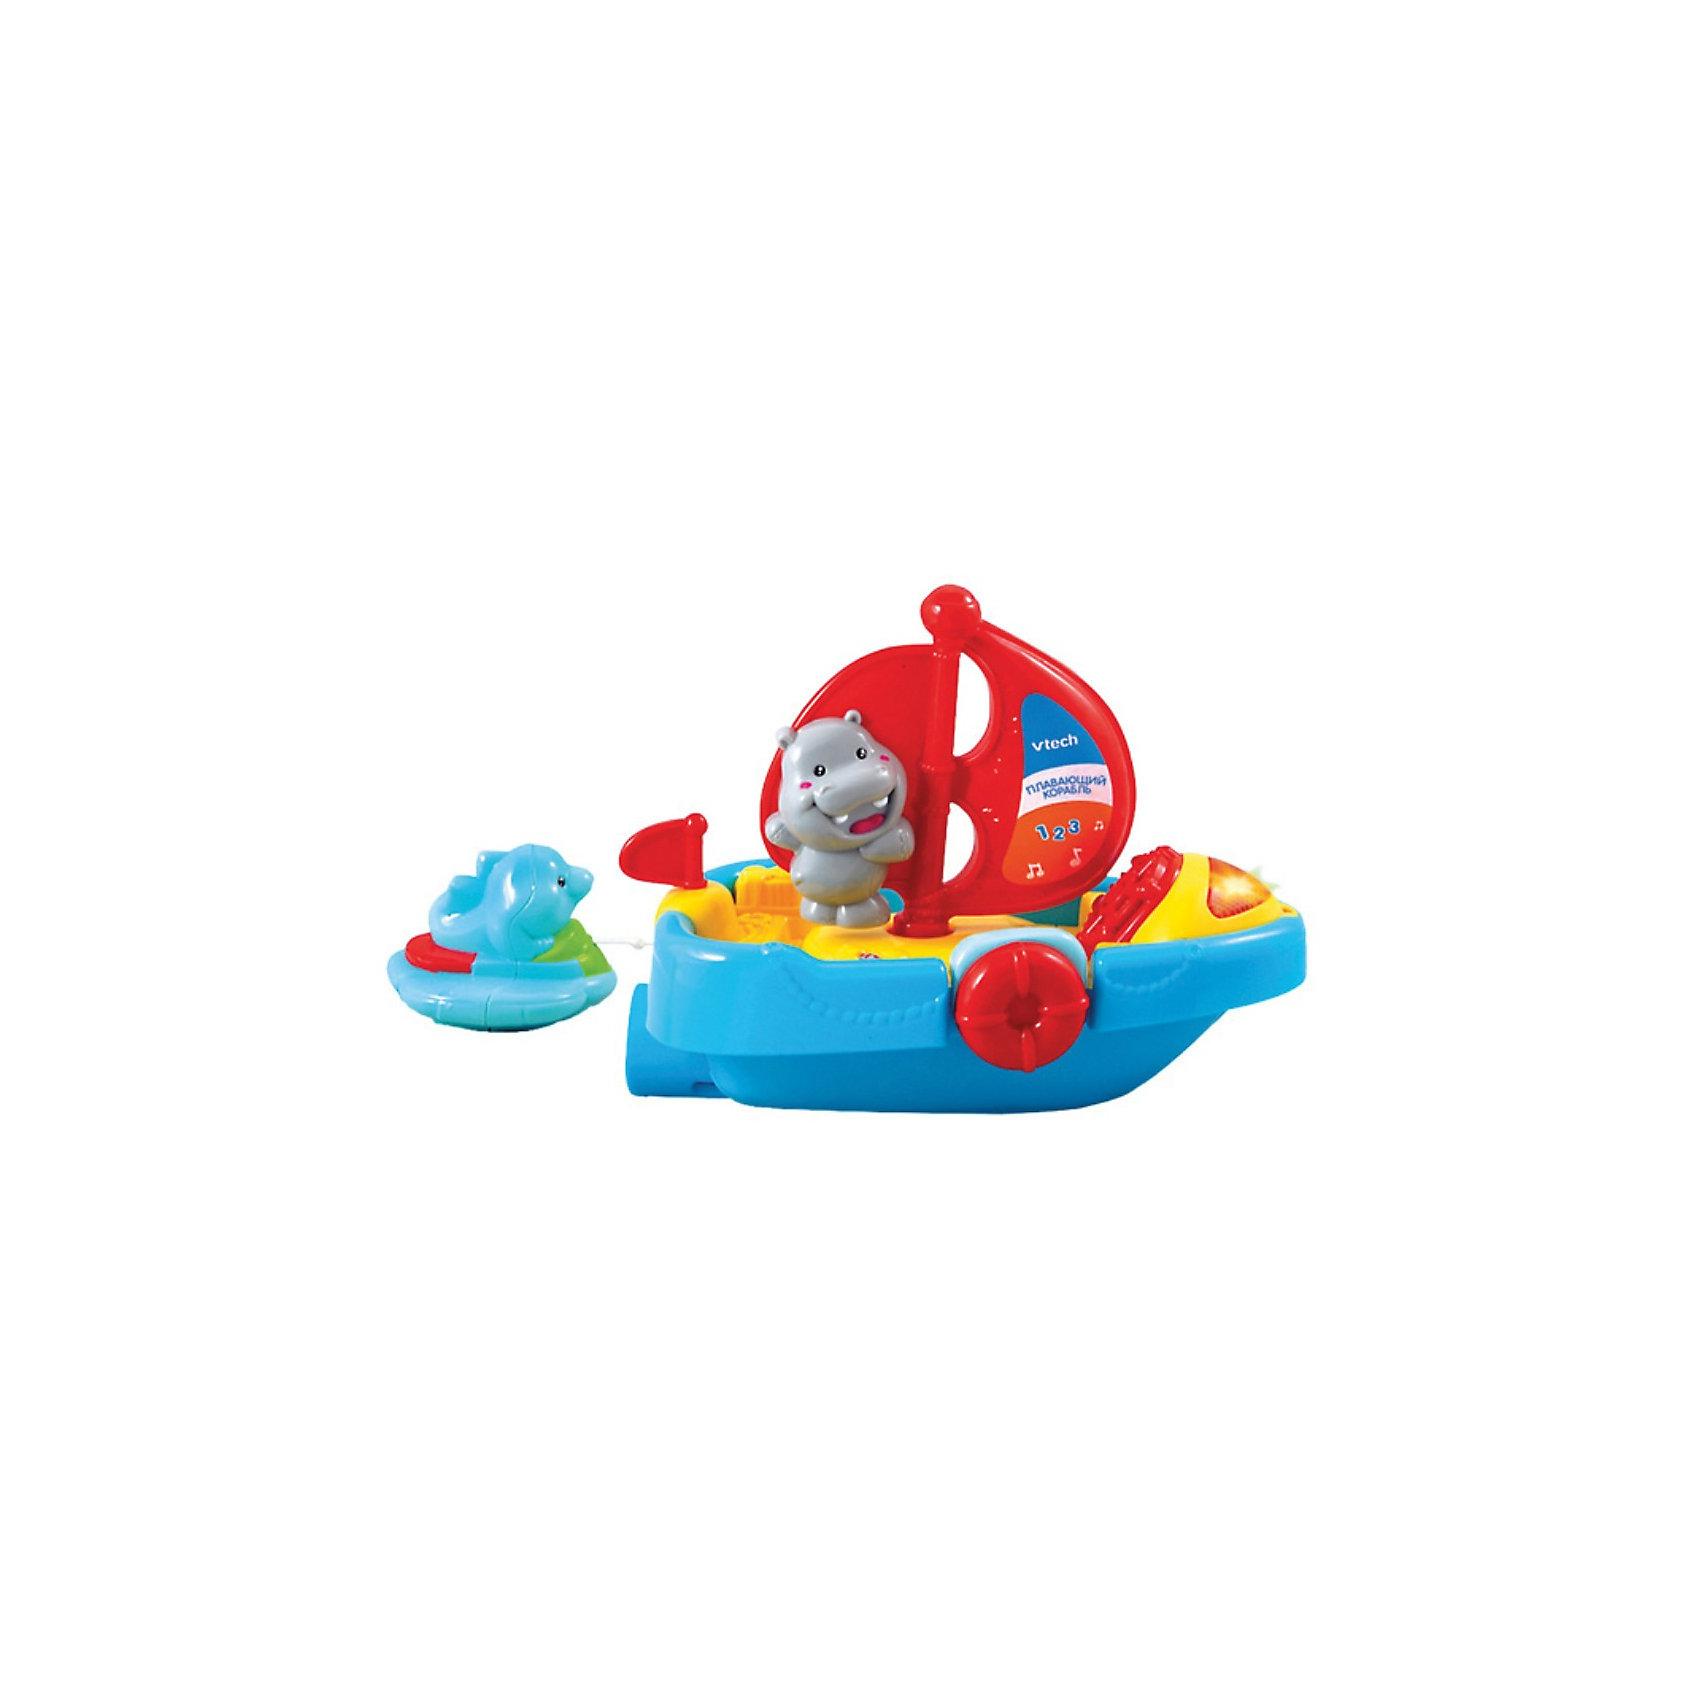 Развивающая игрушка Плавающий корабль, со светом и звуком, Vtech